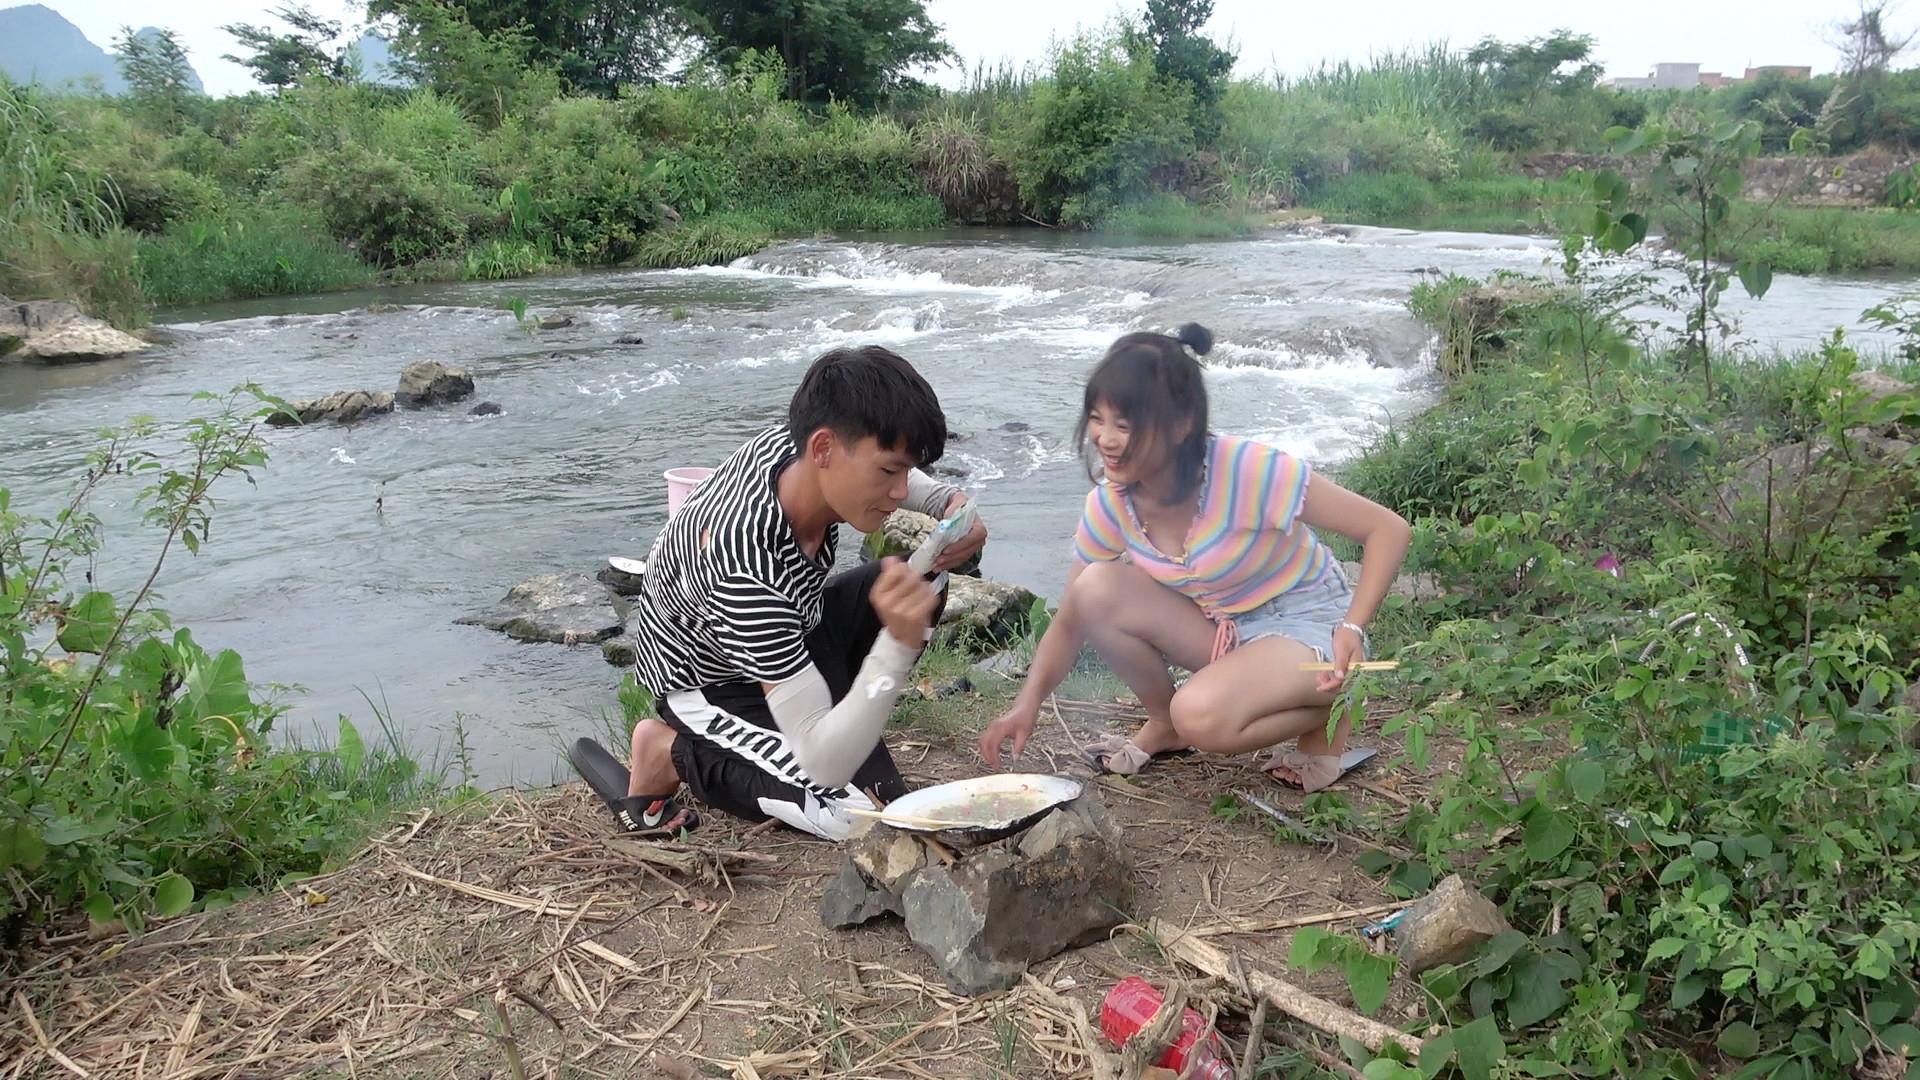 河蚌还是这样吃最爽,俩人吃得津津有味,太过瘾了